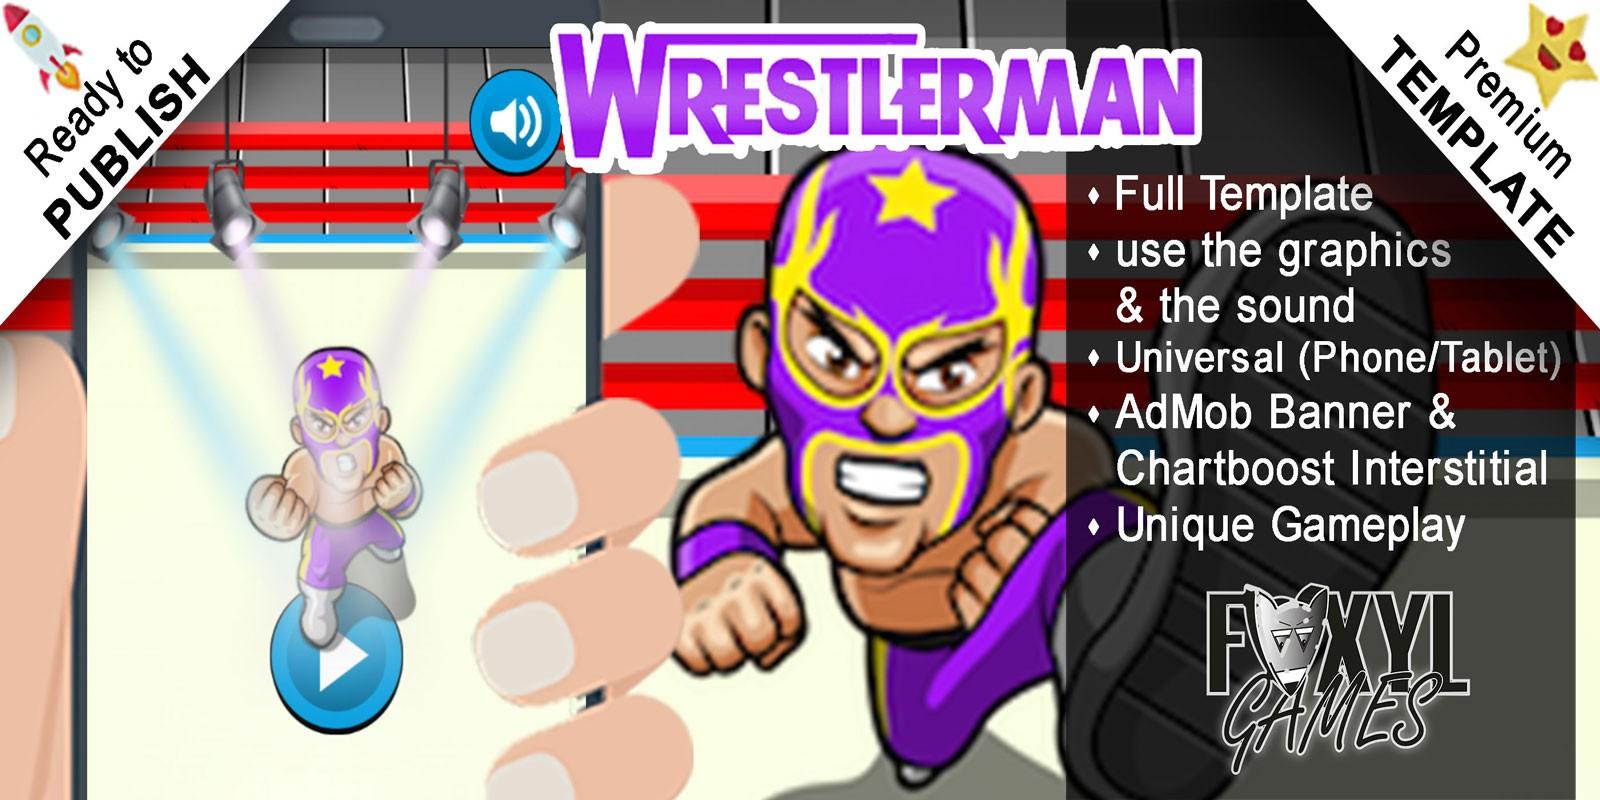 Wrestlerman - Buildbox Template